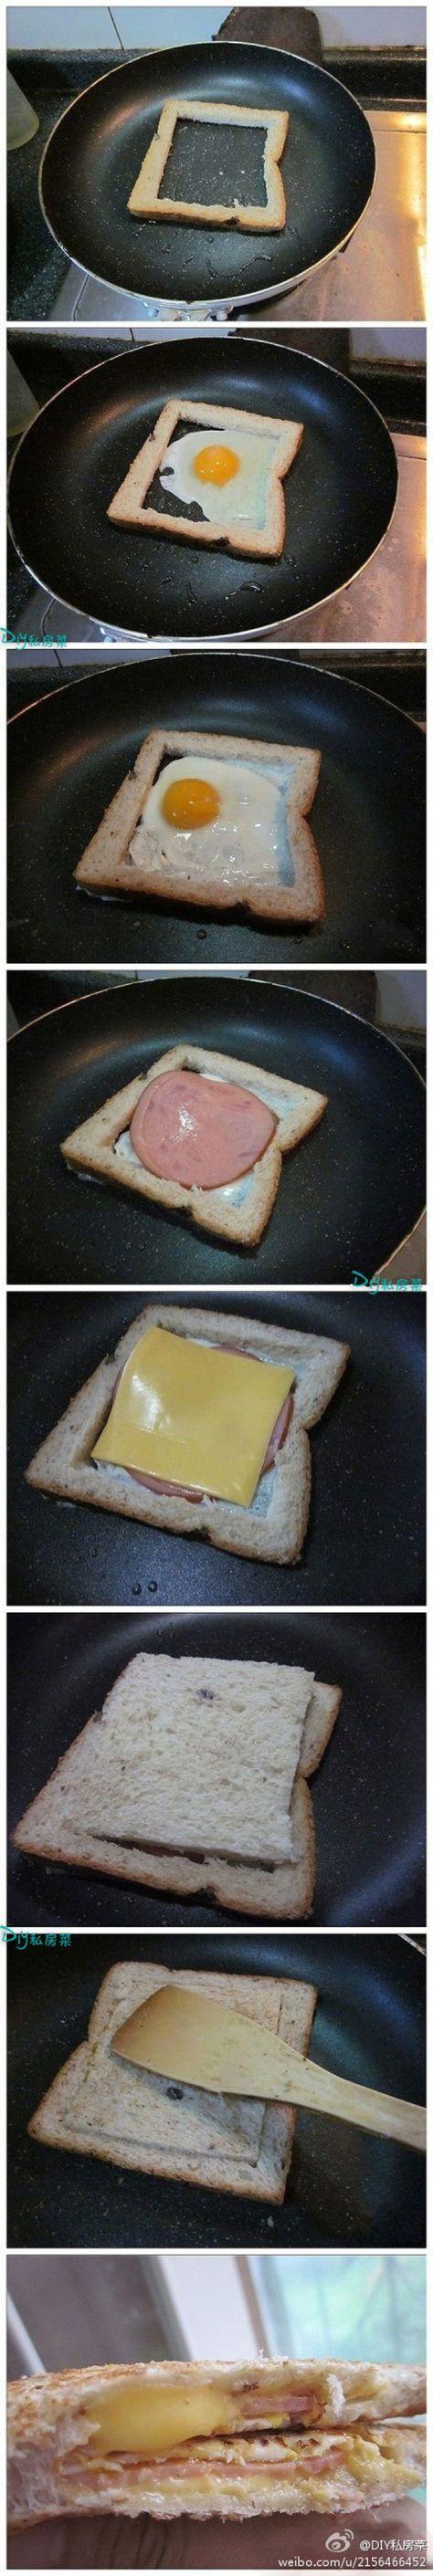 Brood, ei, ham, kaas, brood.. lekker!